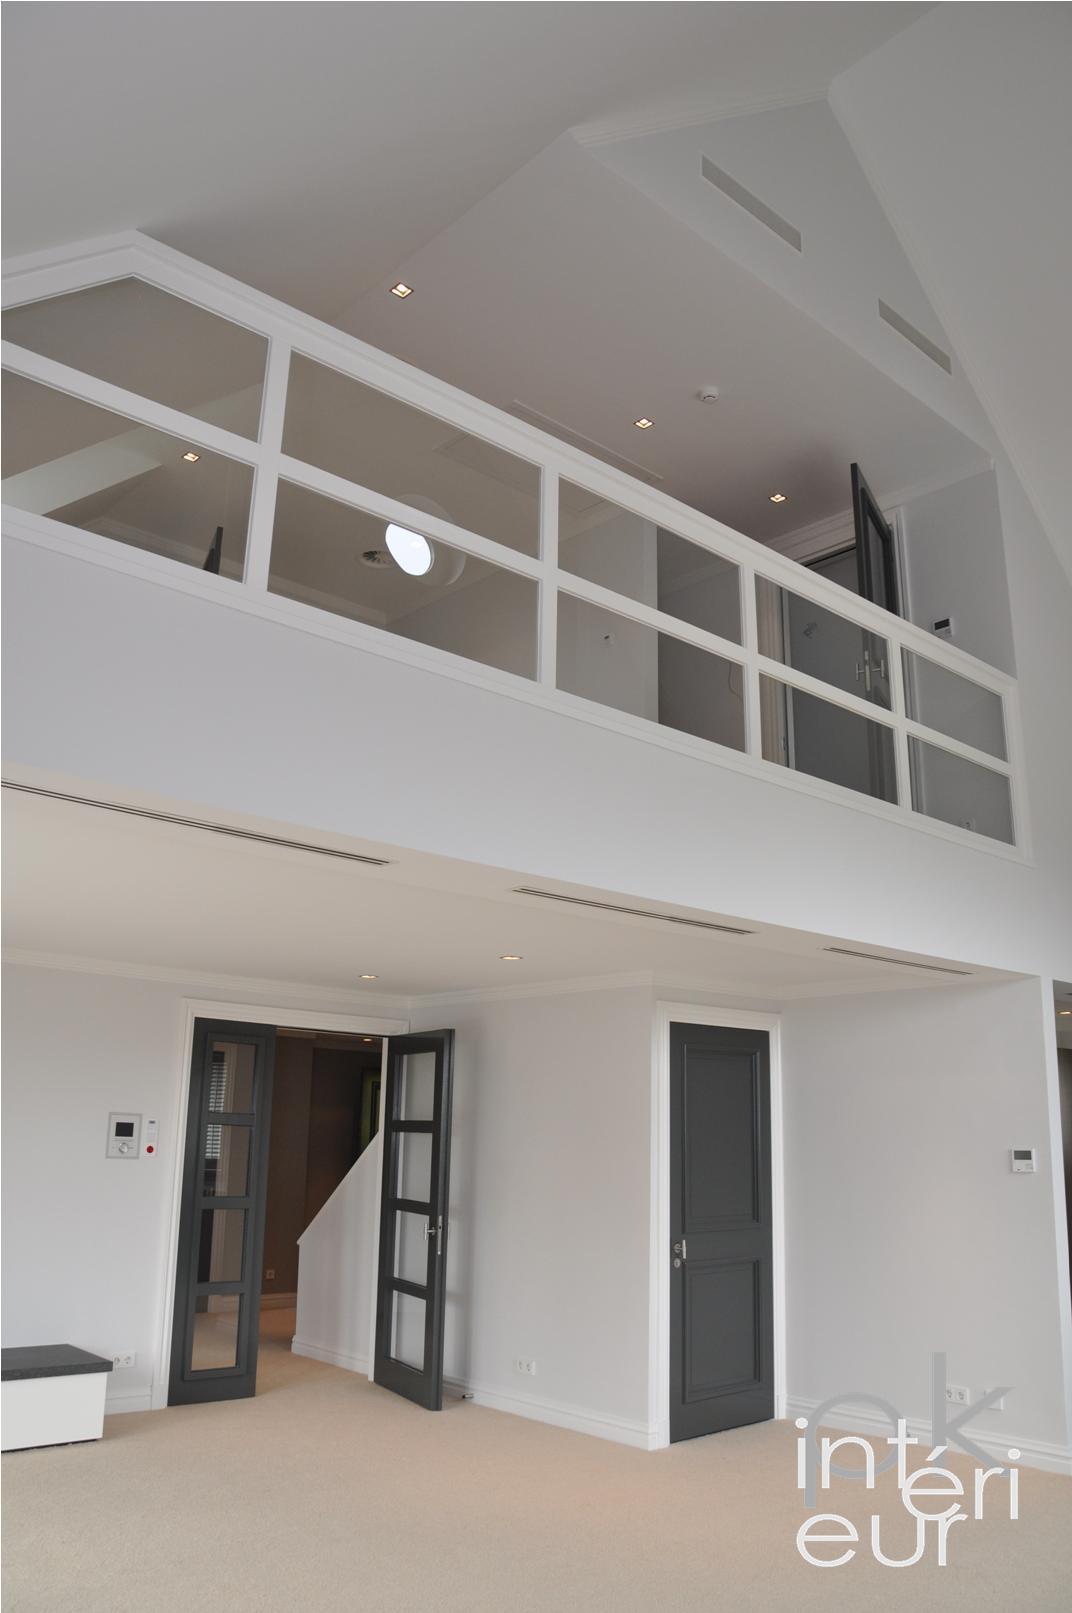 Interieurarchitectuur appartement - Design, Ontwerp, Inrichting ...